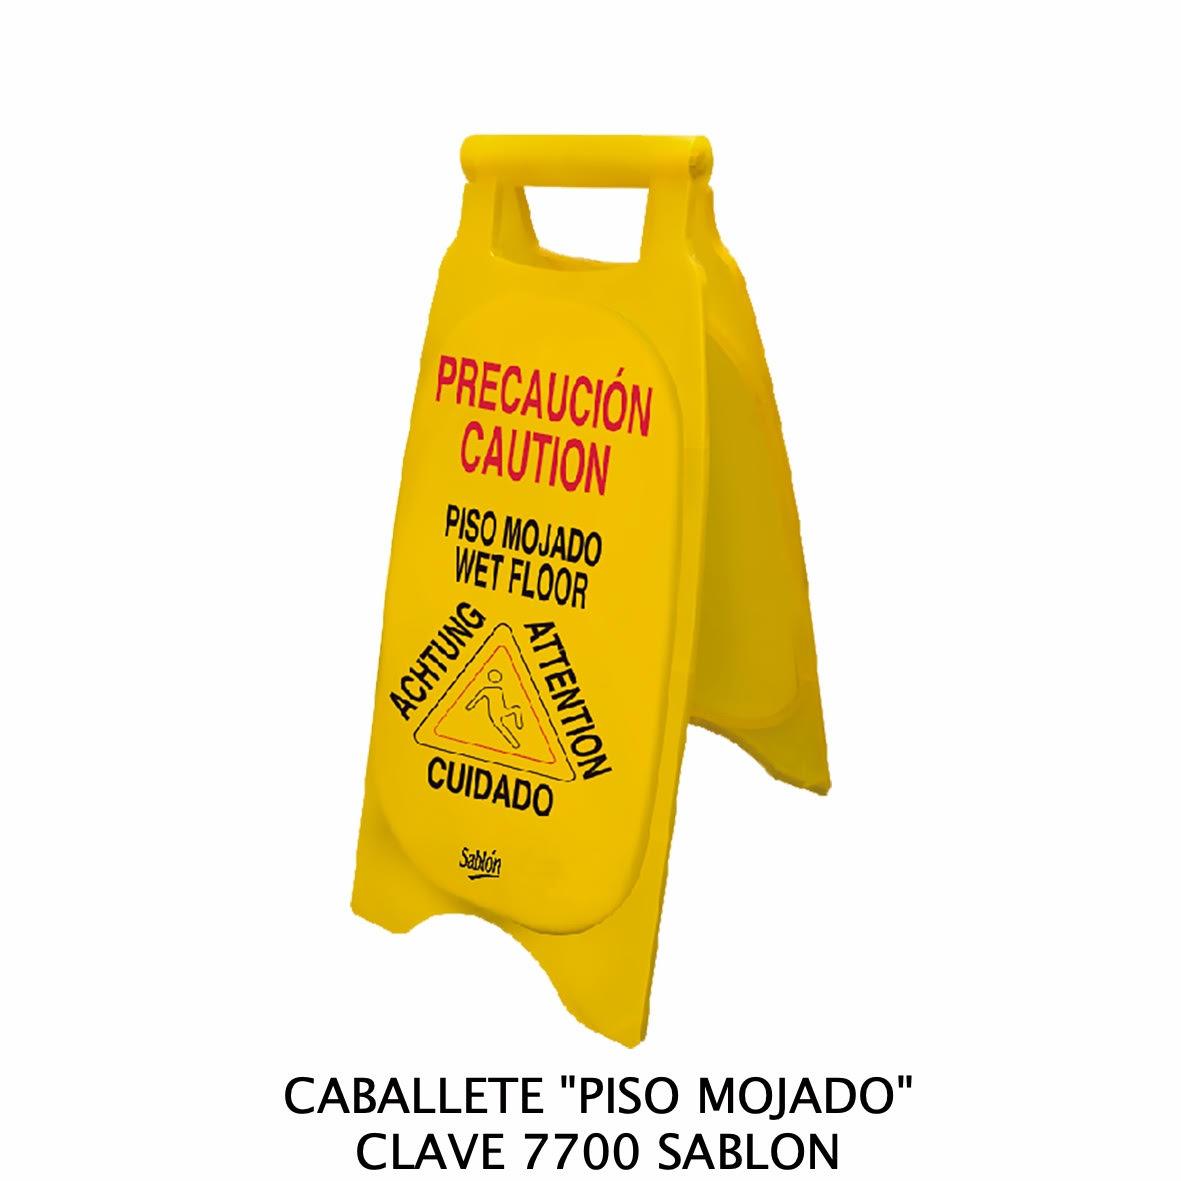 Caballete con señal PISO MOJADO Clave 7700 de Sablón